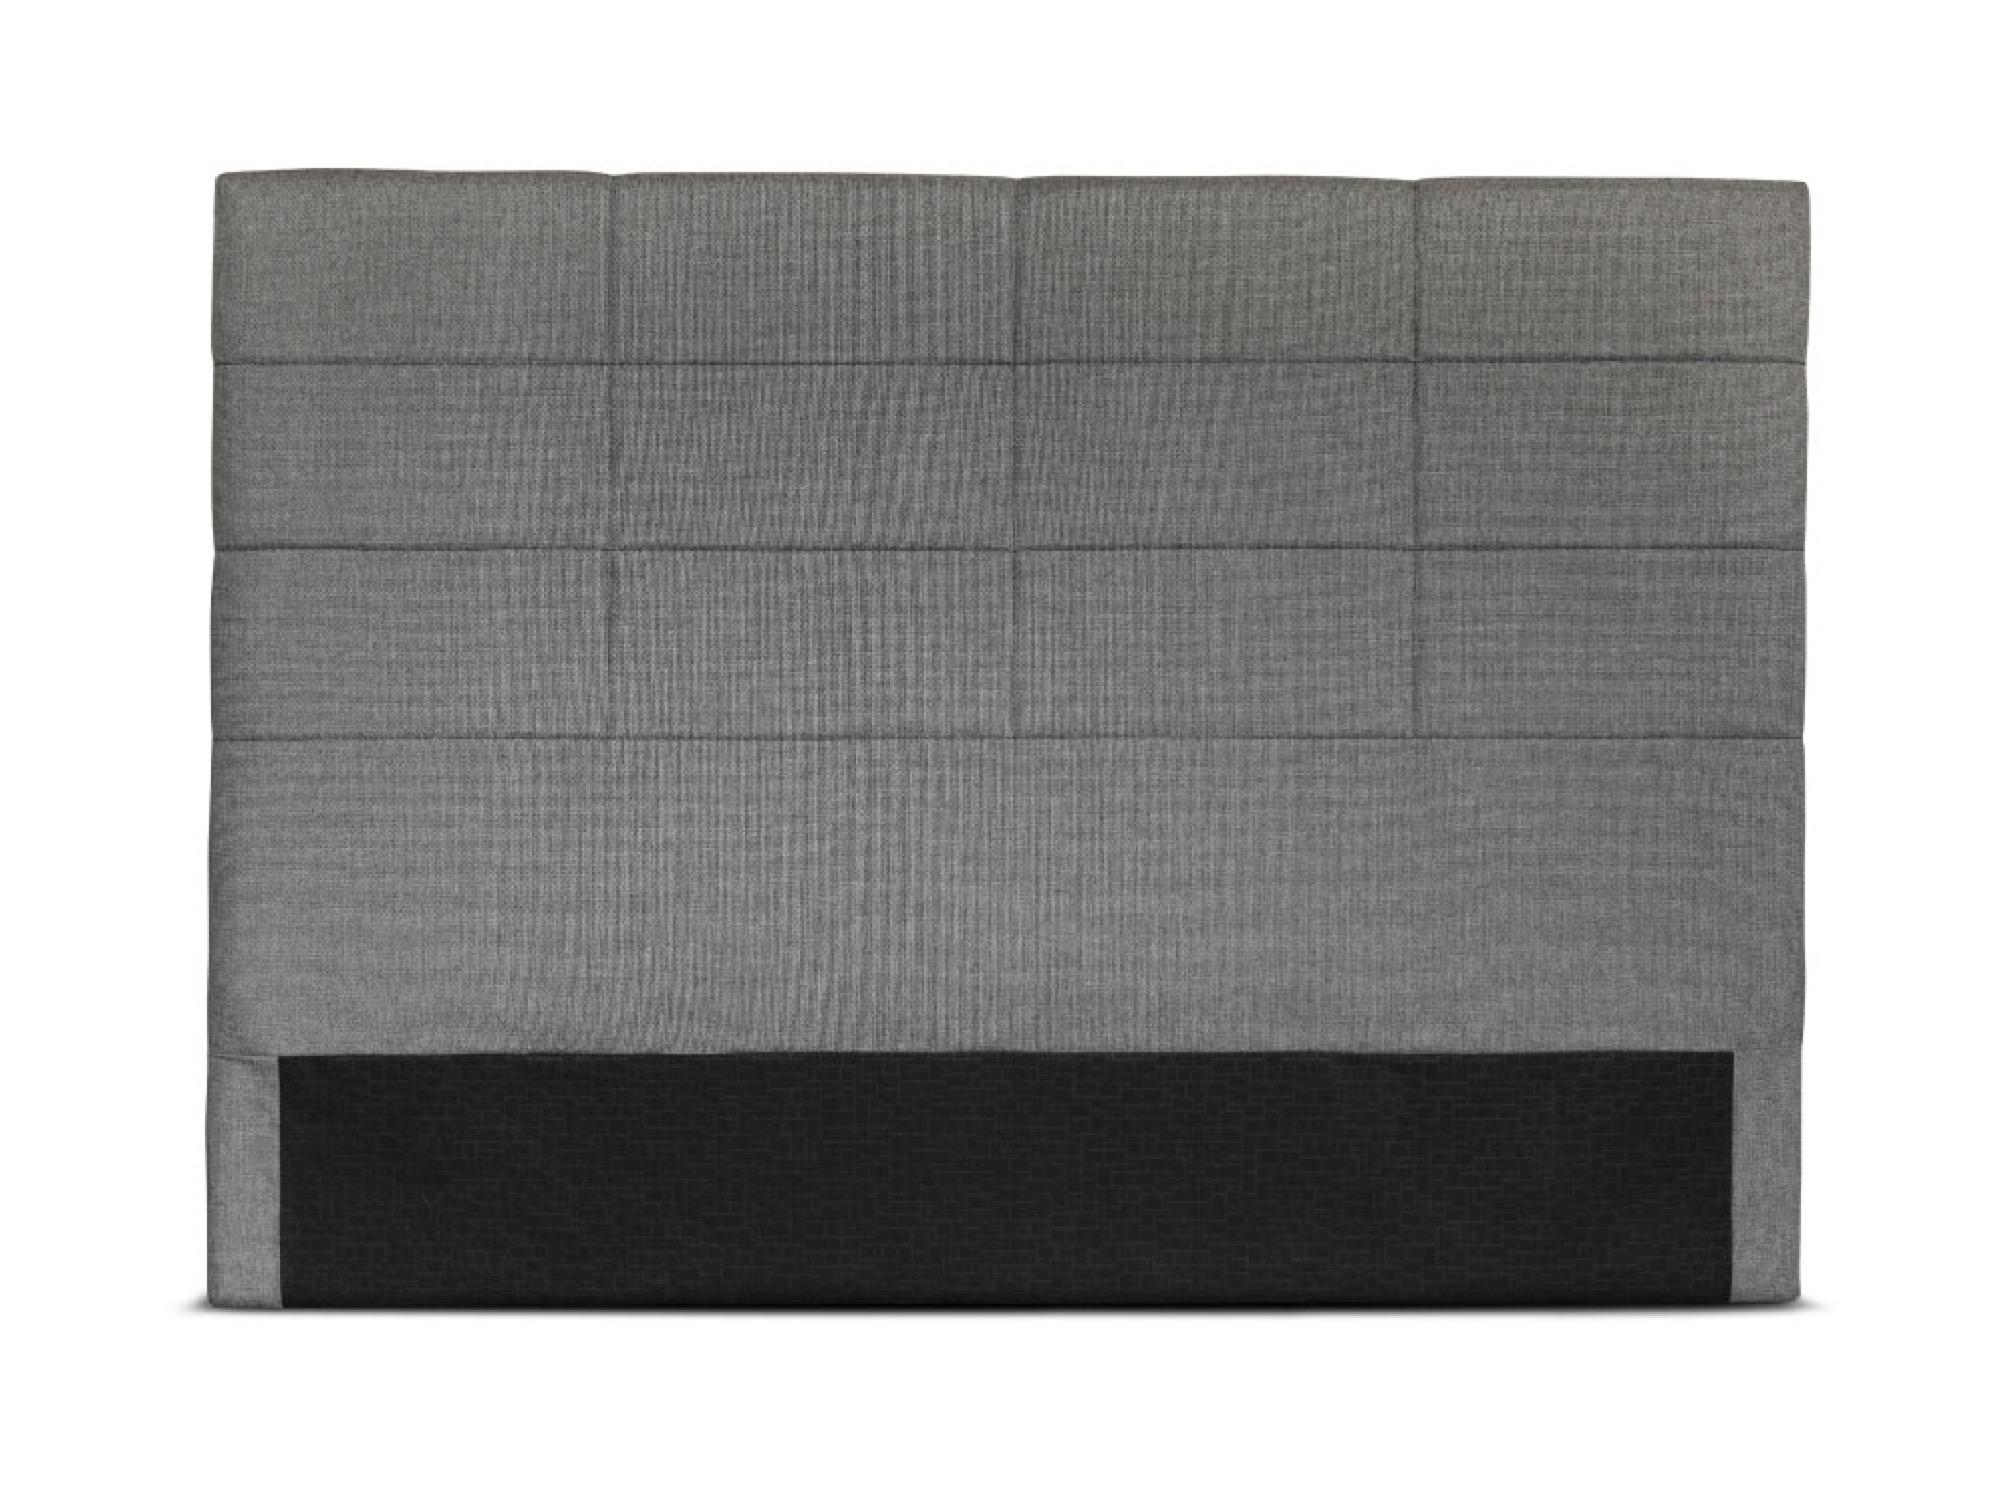 Tête de lit en tissu gris - 140cm